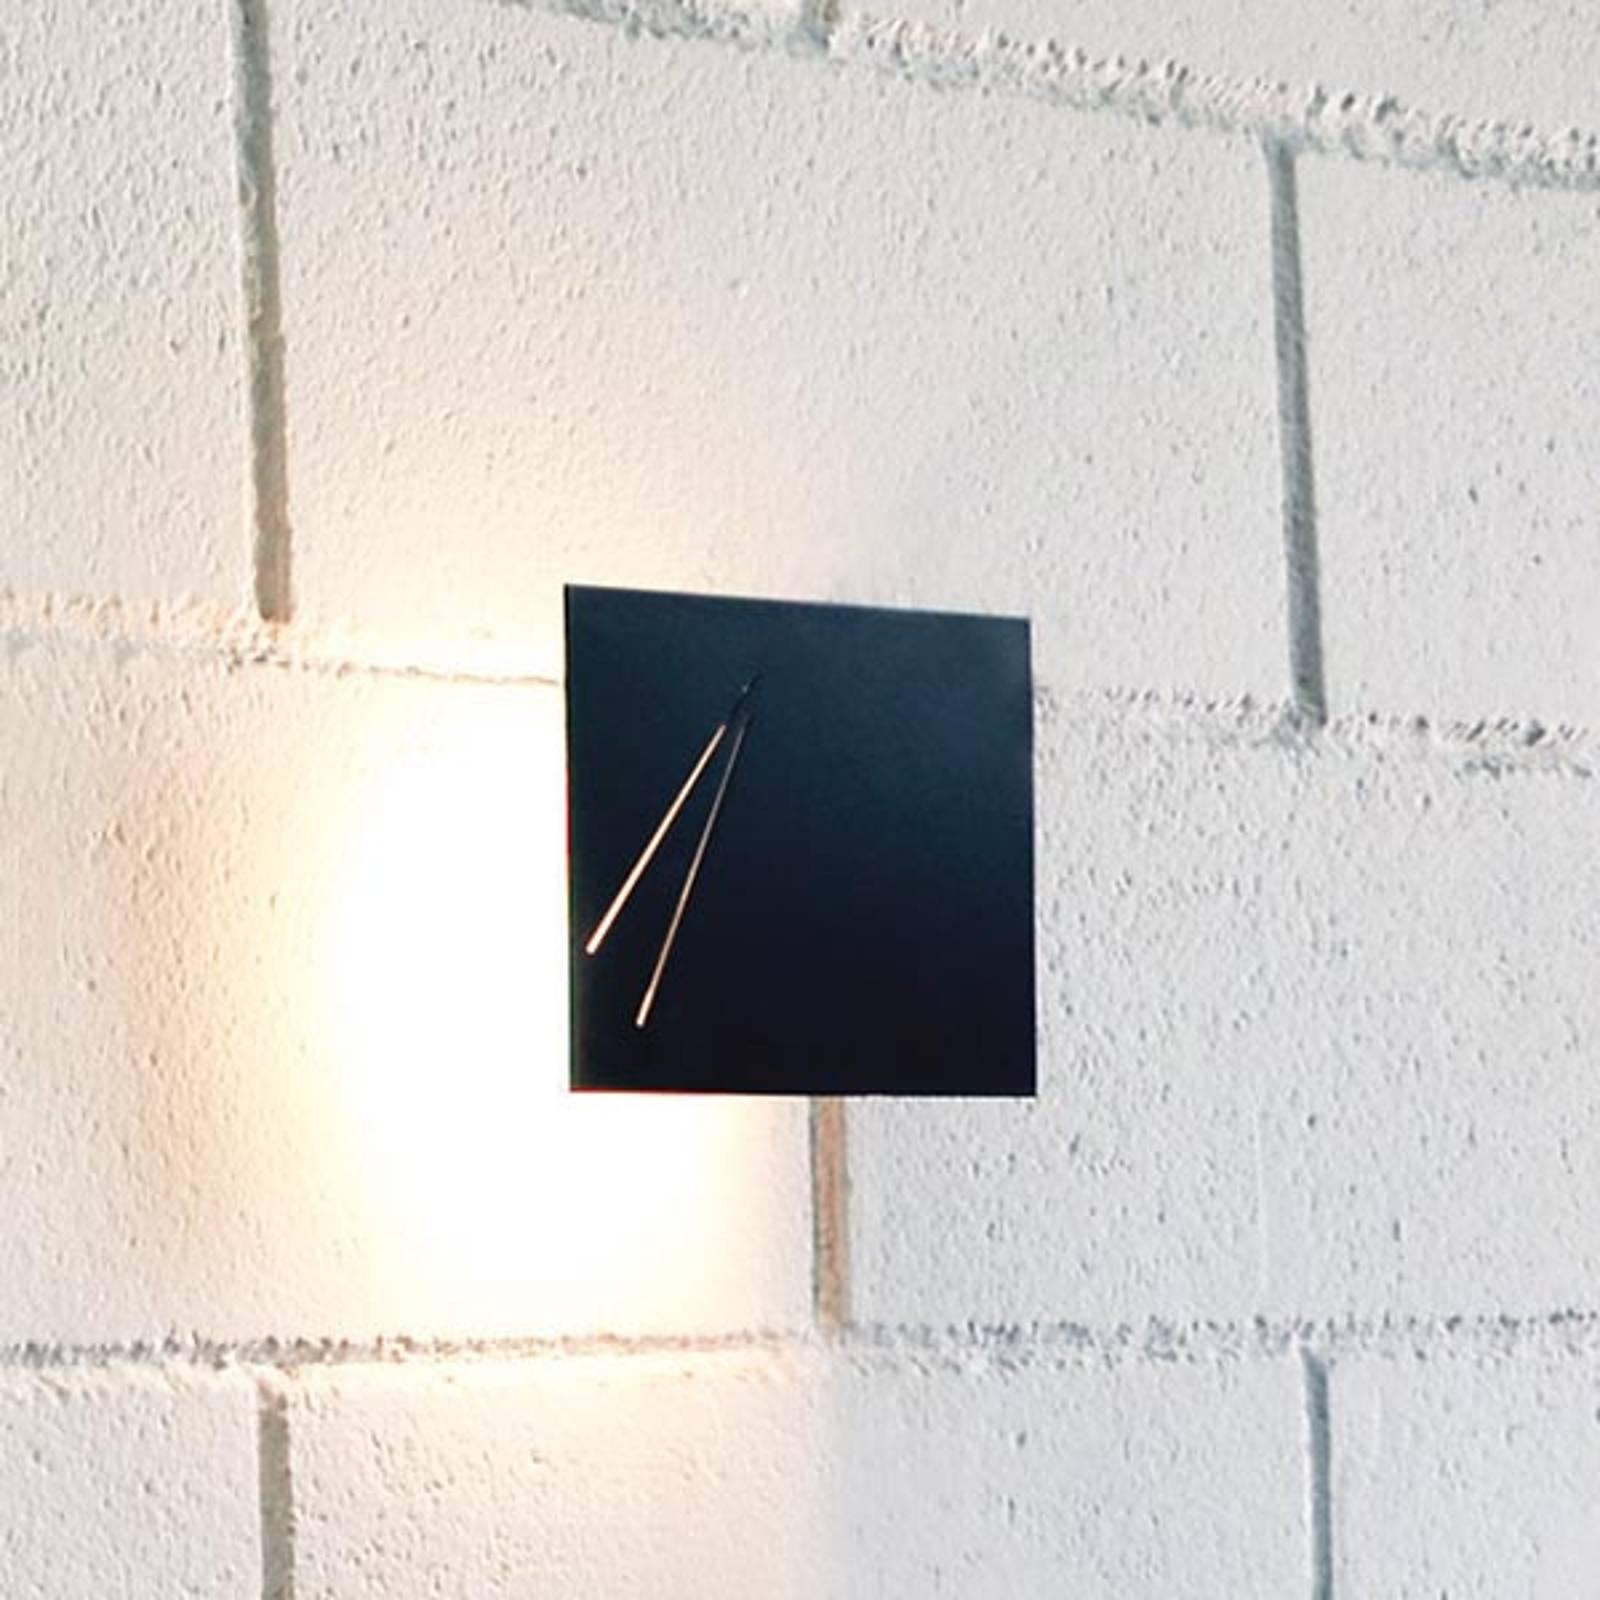 Des.agn - Italiaanse designer wandlamp, zwart